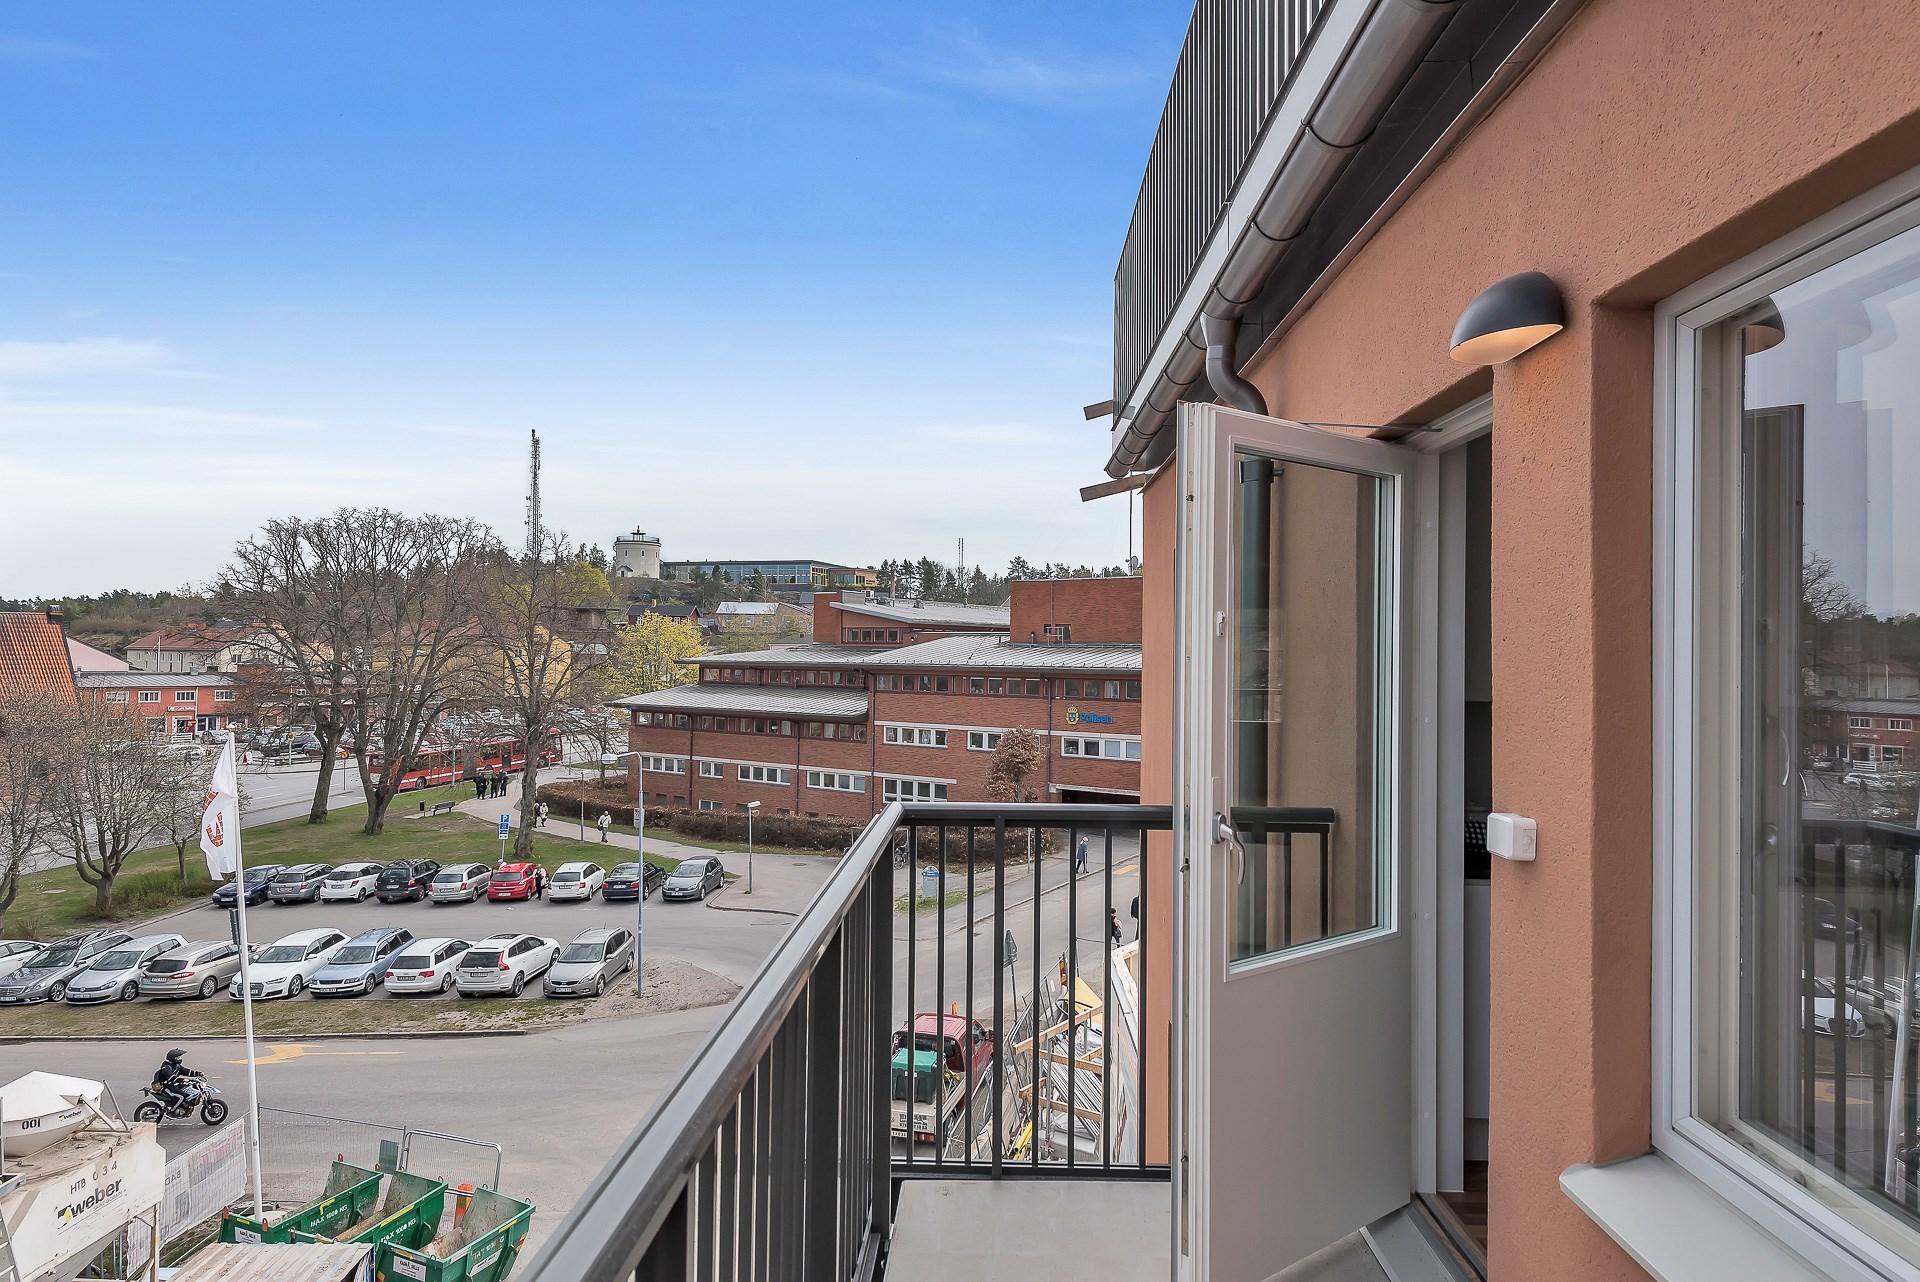 Bilder från visningslägenheten på Trädgårdsgatan 3 A, balkong från köket